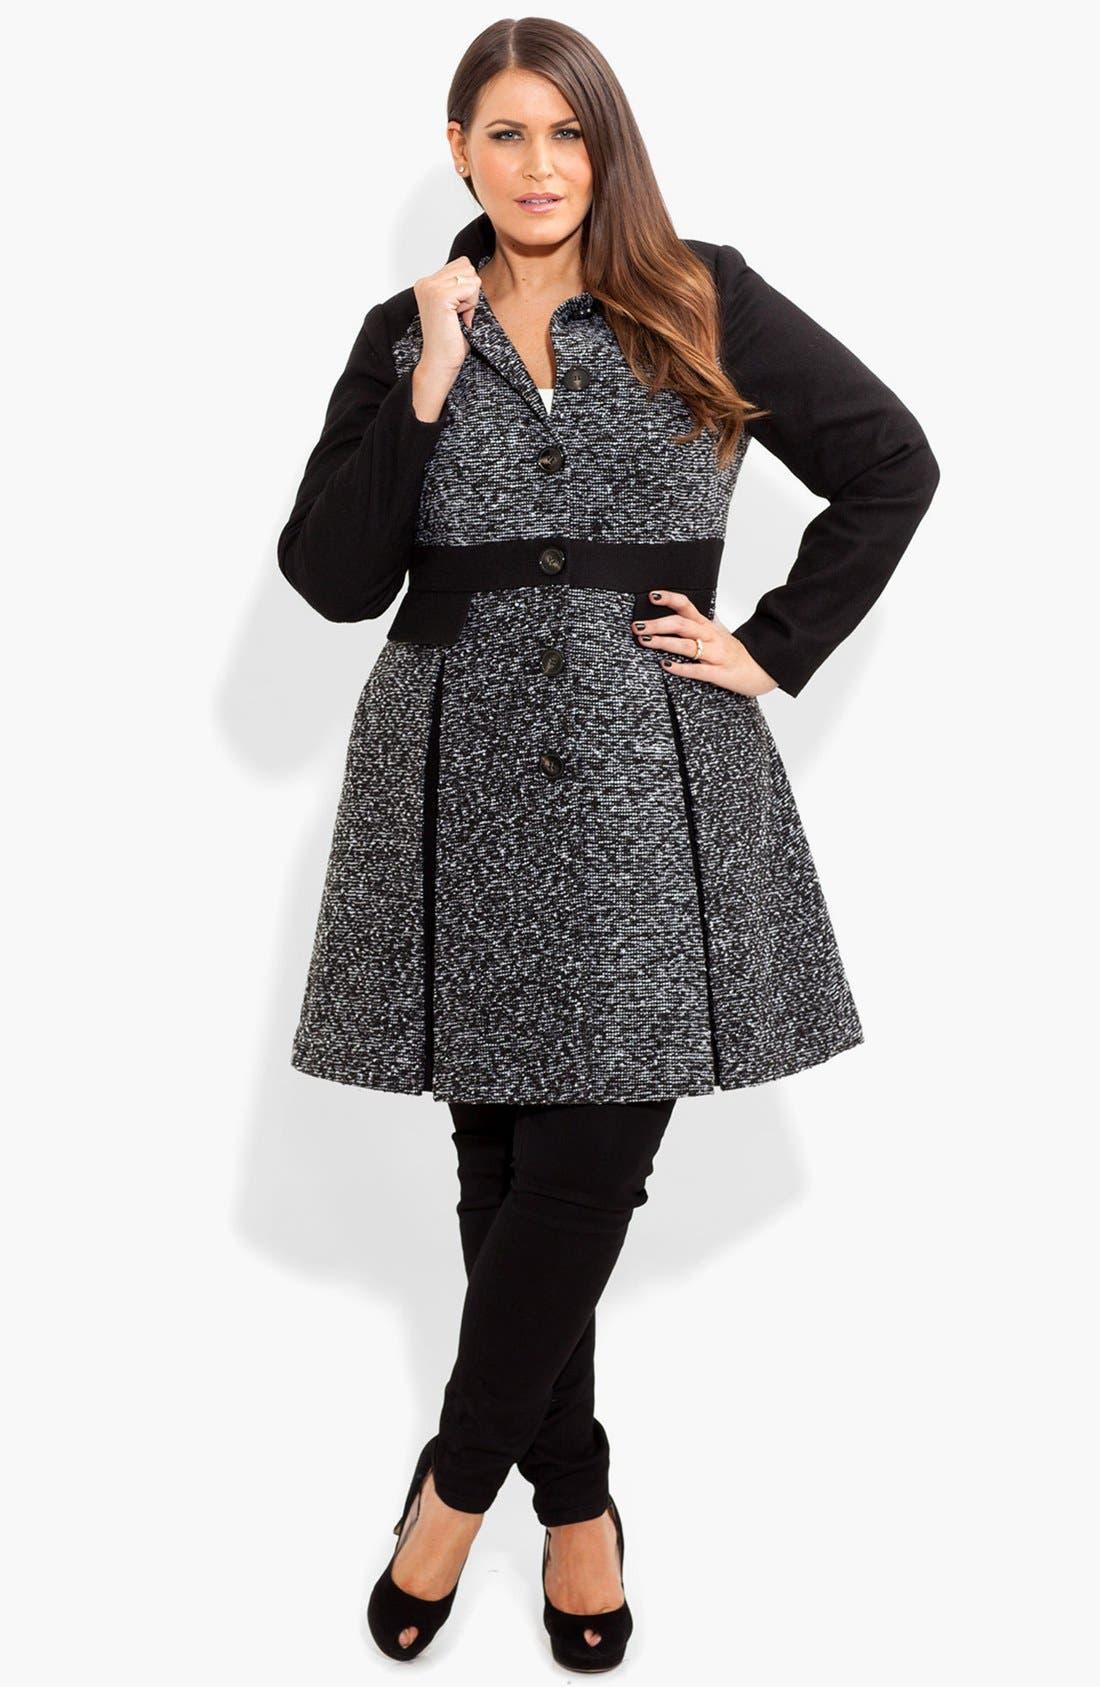 Main Image - City Chic Bouclé Fit & Flare Jacket (Plus Size)